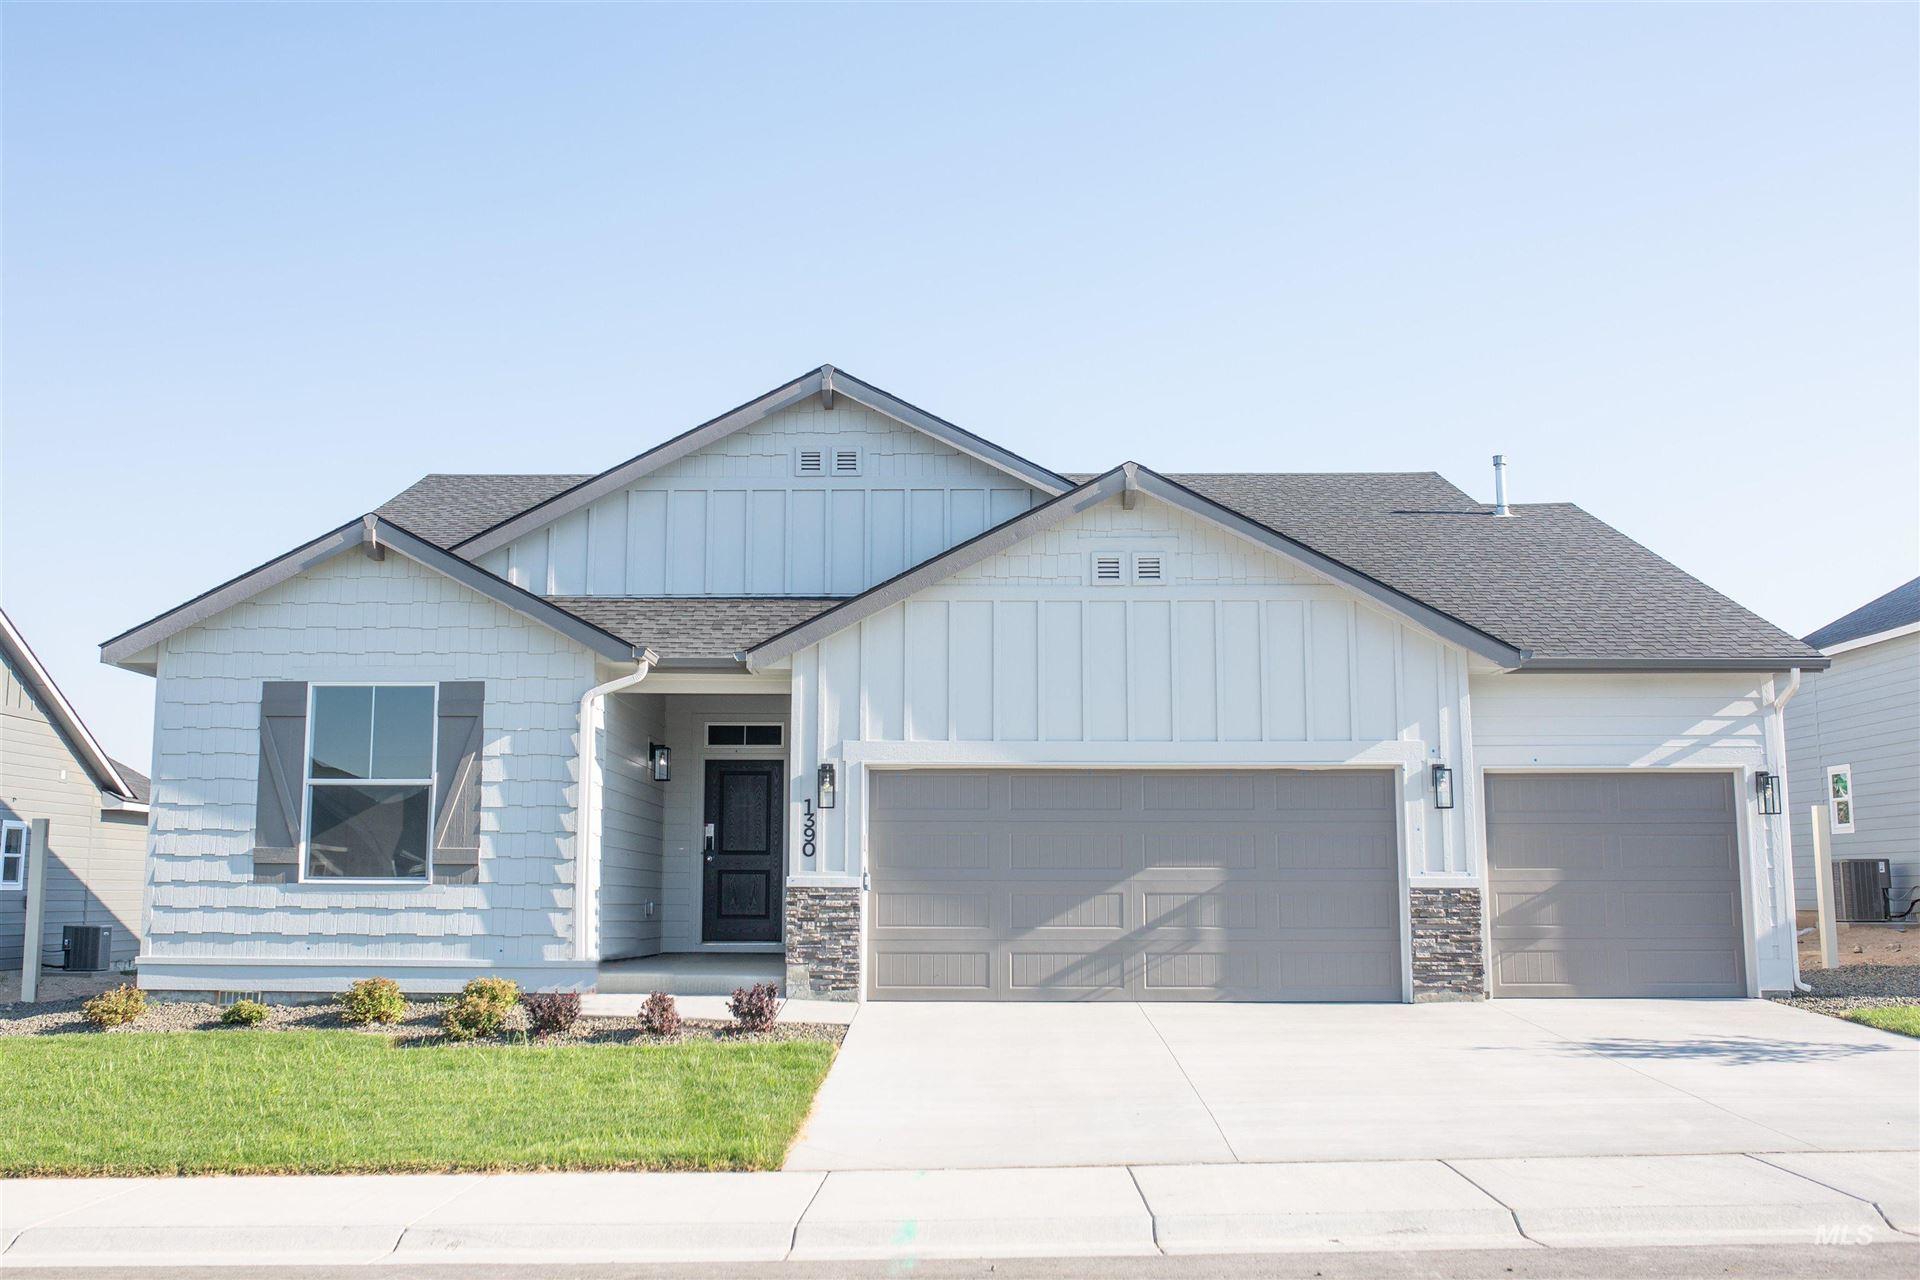 1390 W Treehouse St, Kuna, ID 83634 - MLS#: 98808818